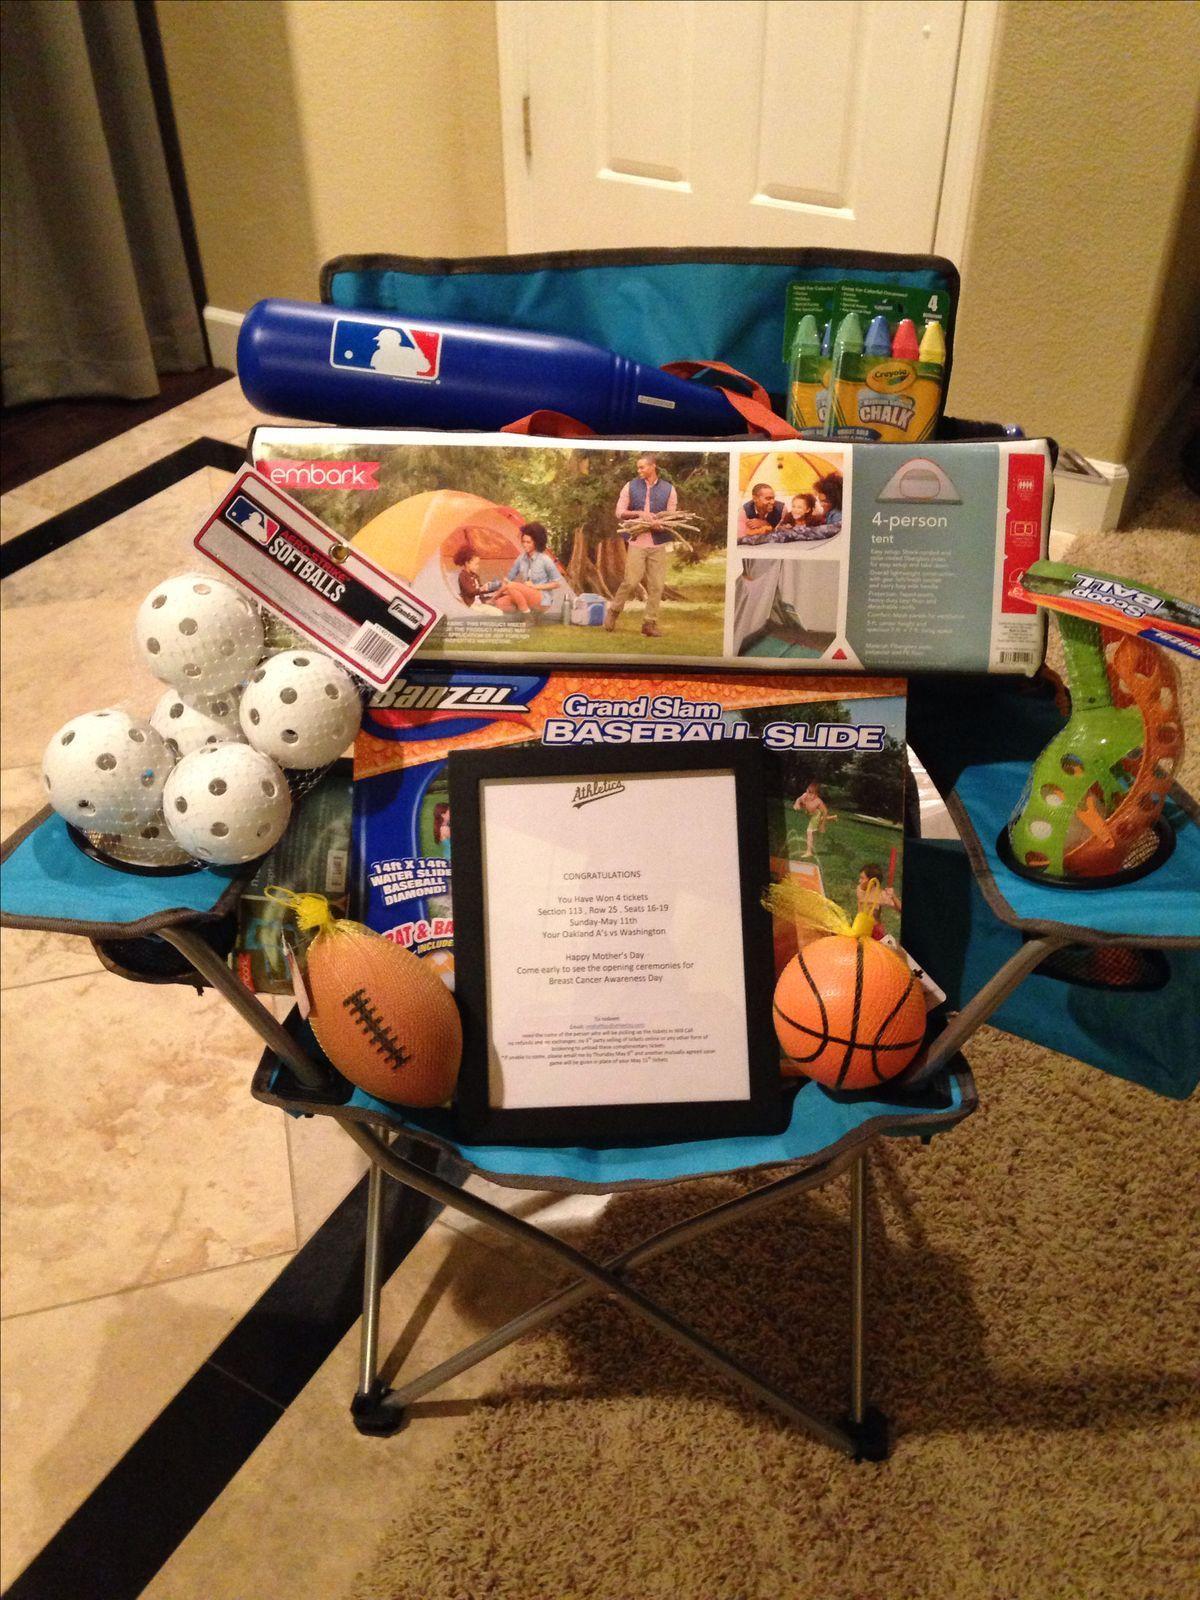 2291fa3e9beee8919c103e2047e7b1dfg 12001600 raffel baskets gift basket or fundraiser basket idea negle Choice Image